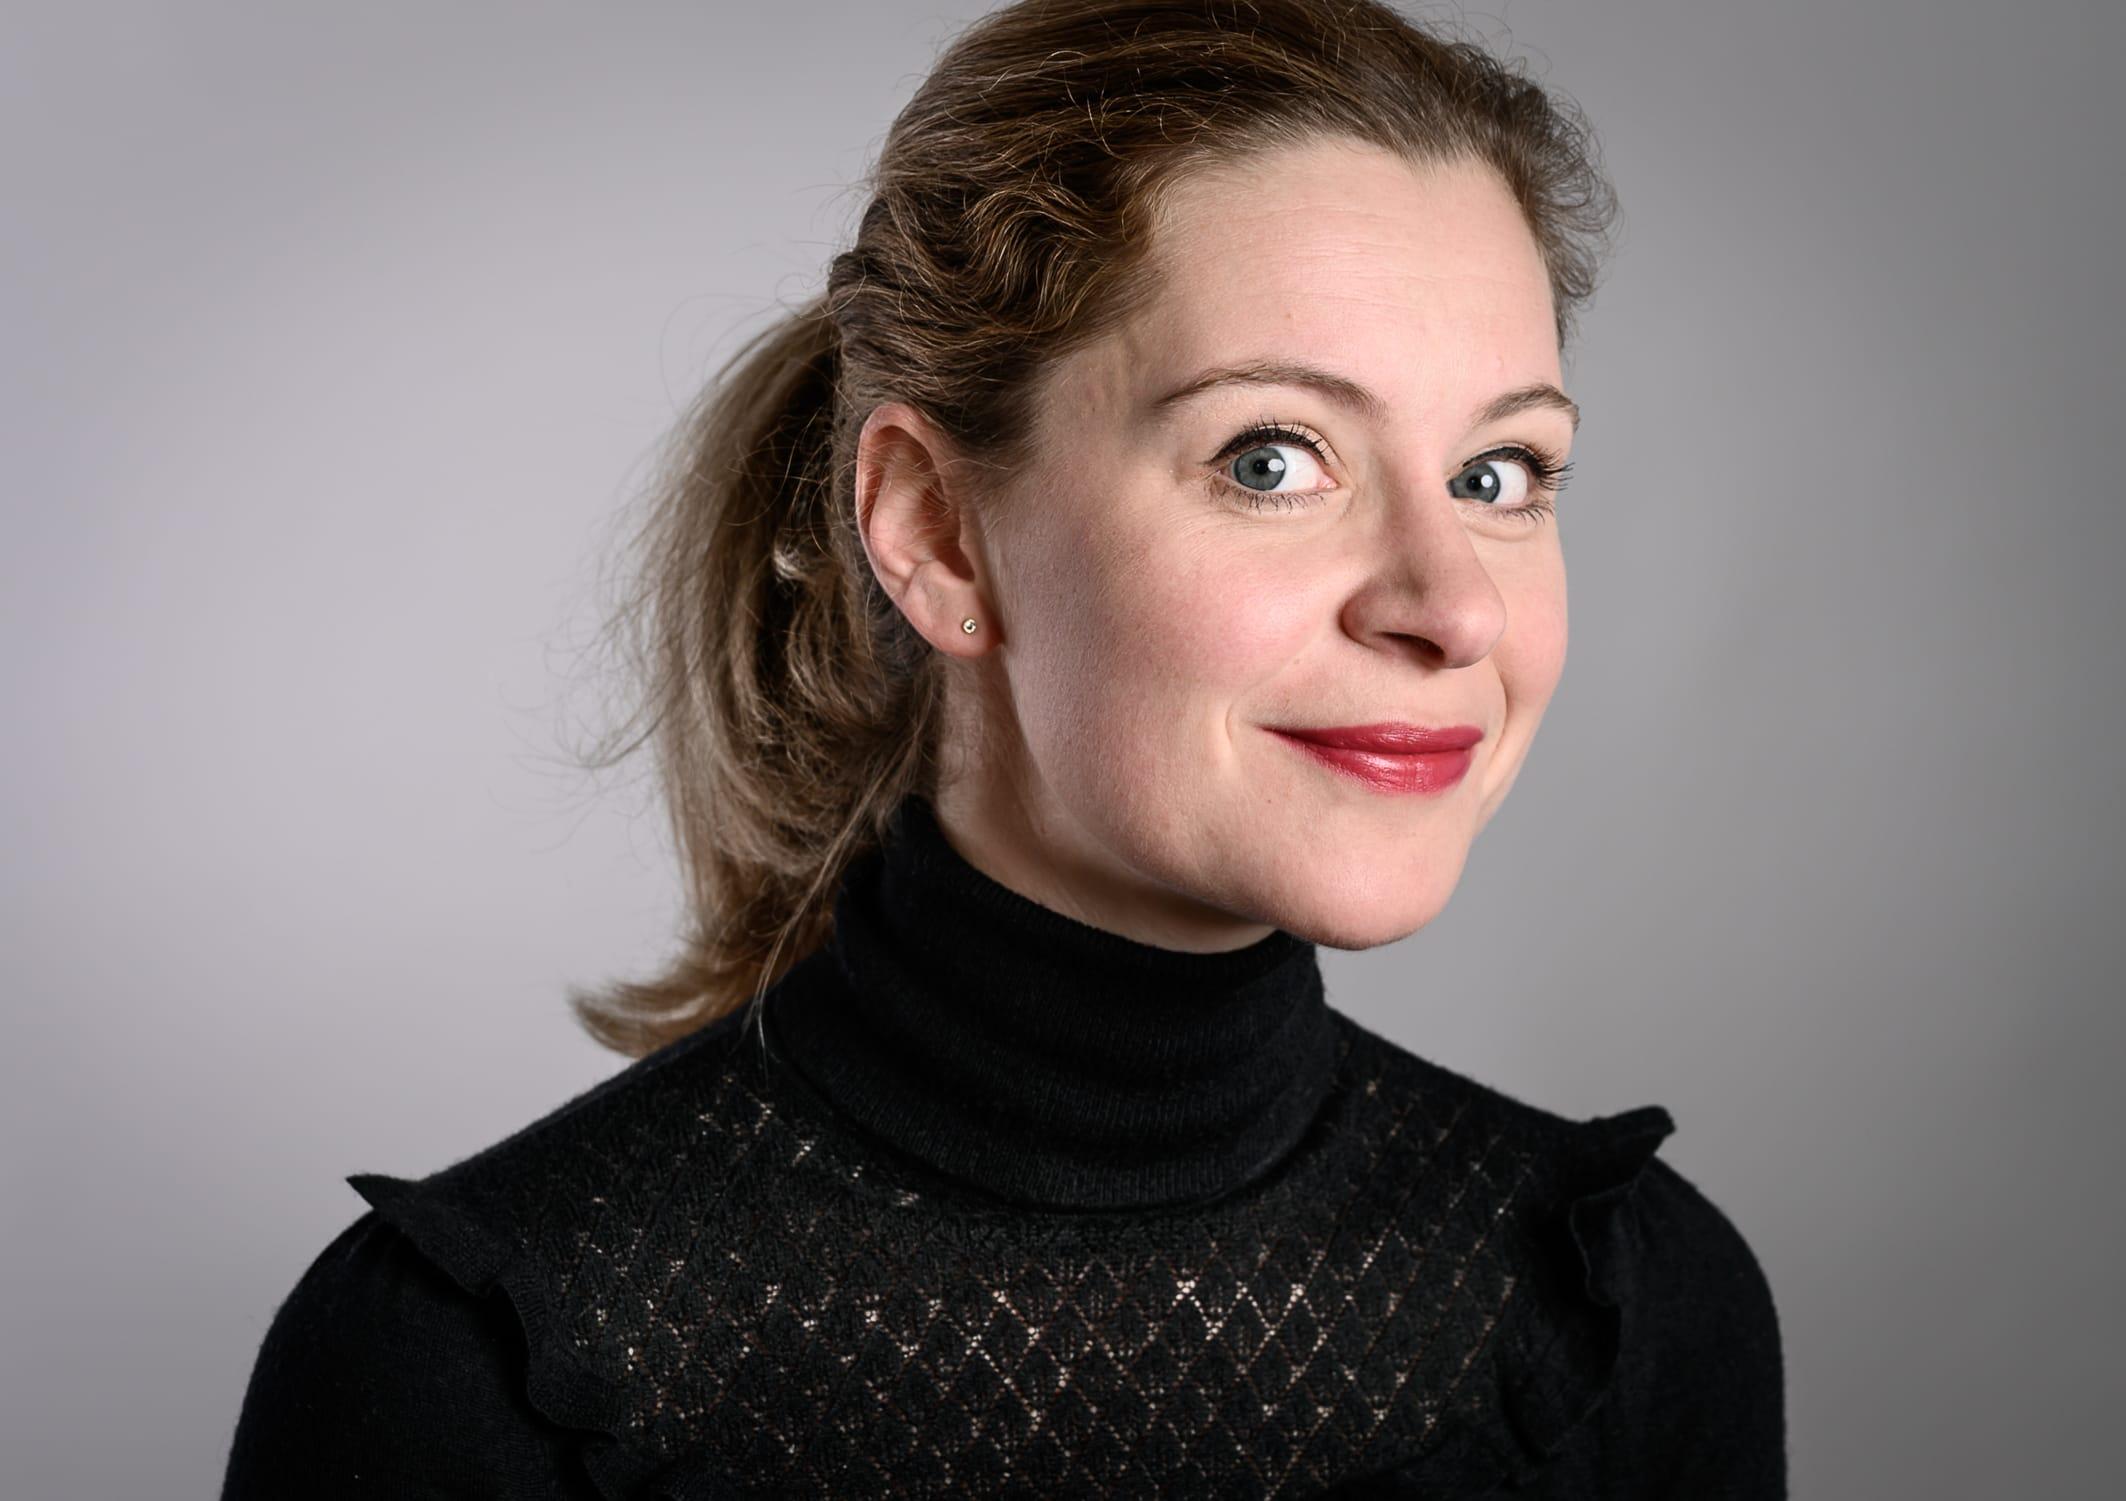 portrait Foto von Luise Hansen